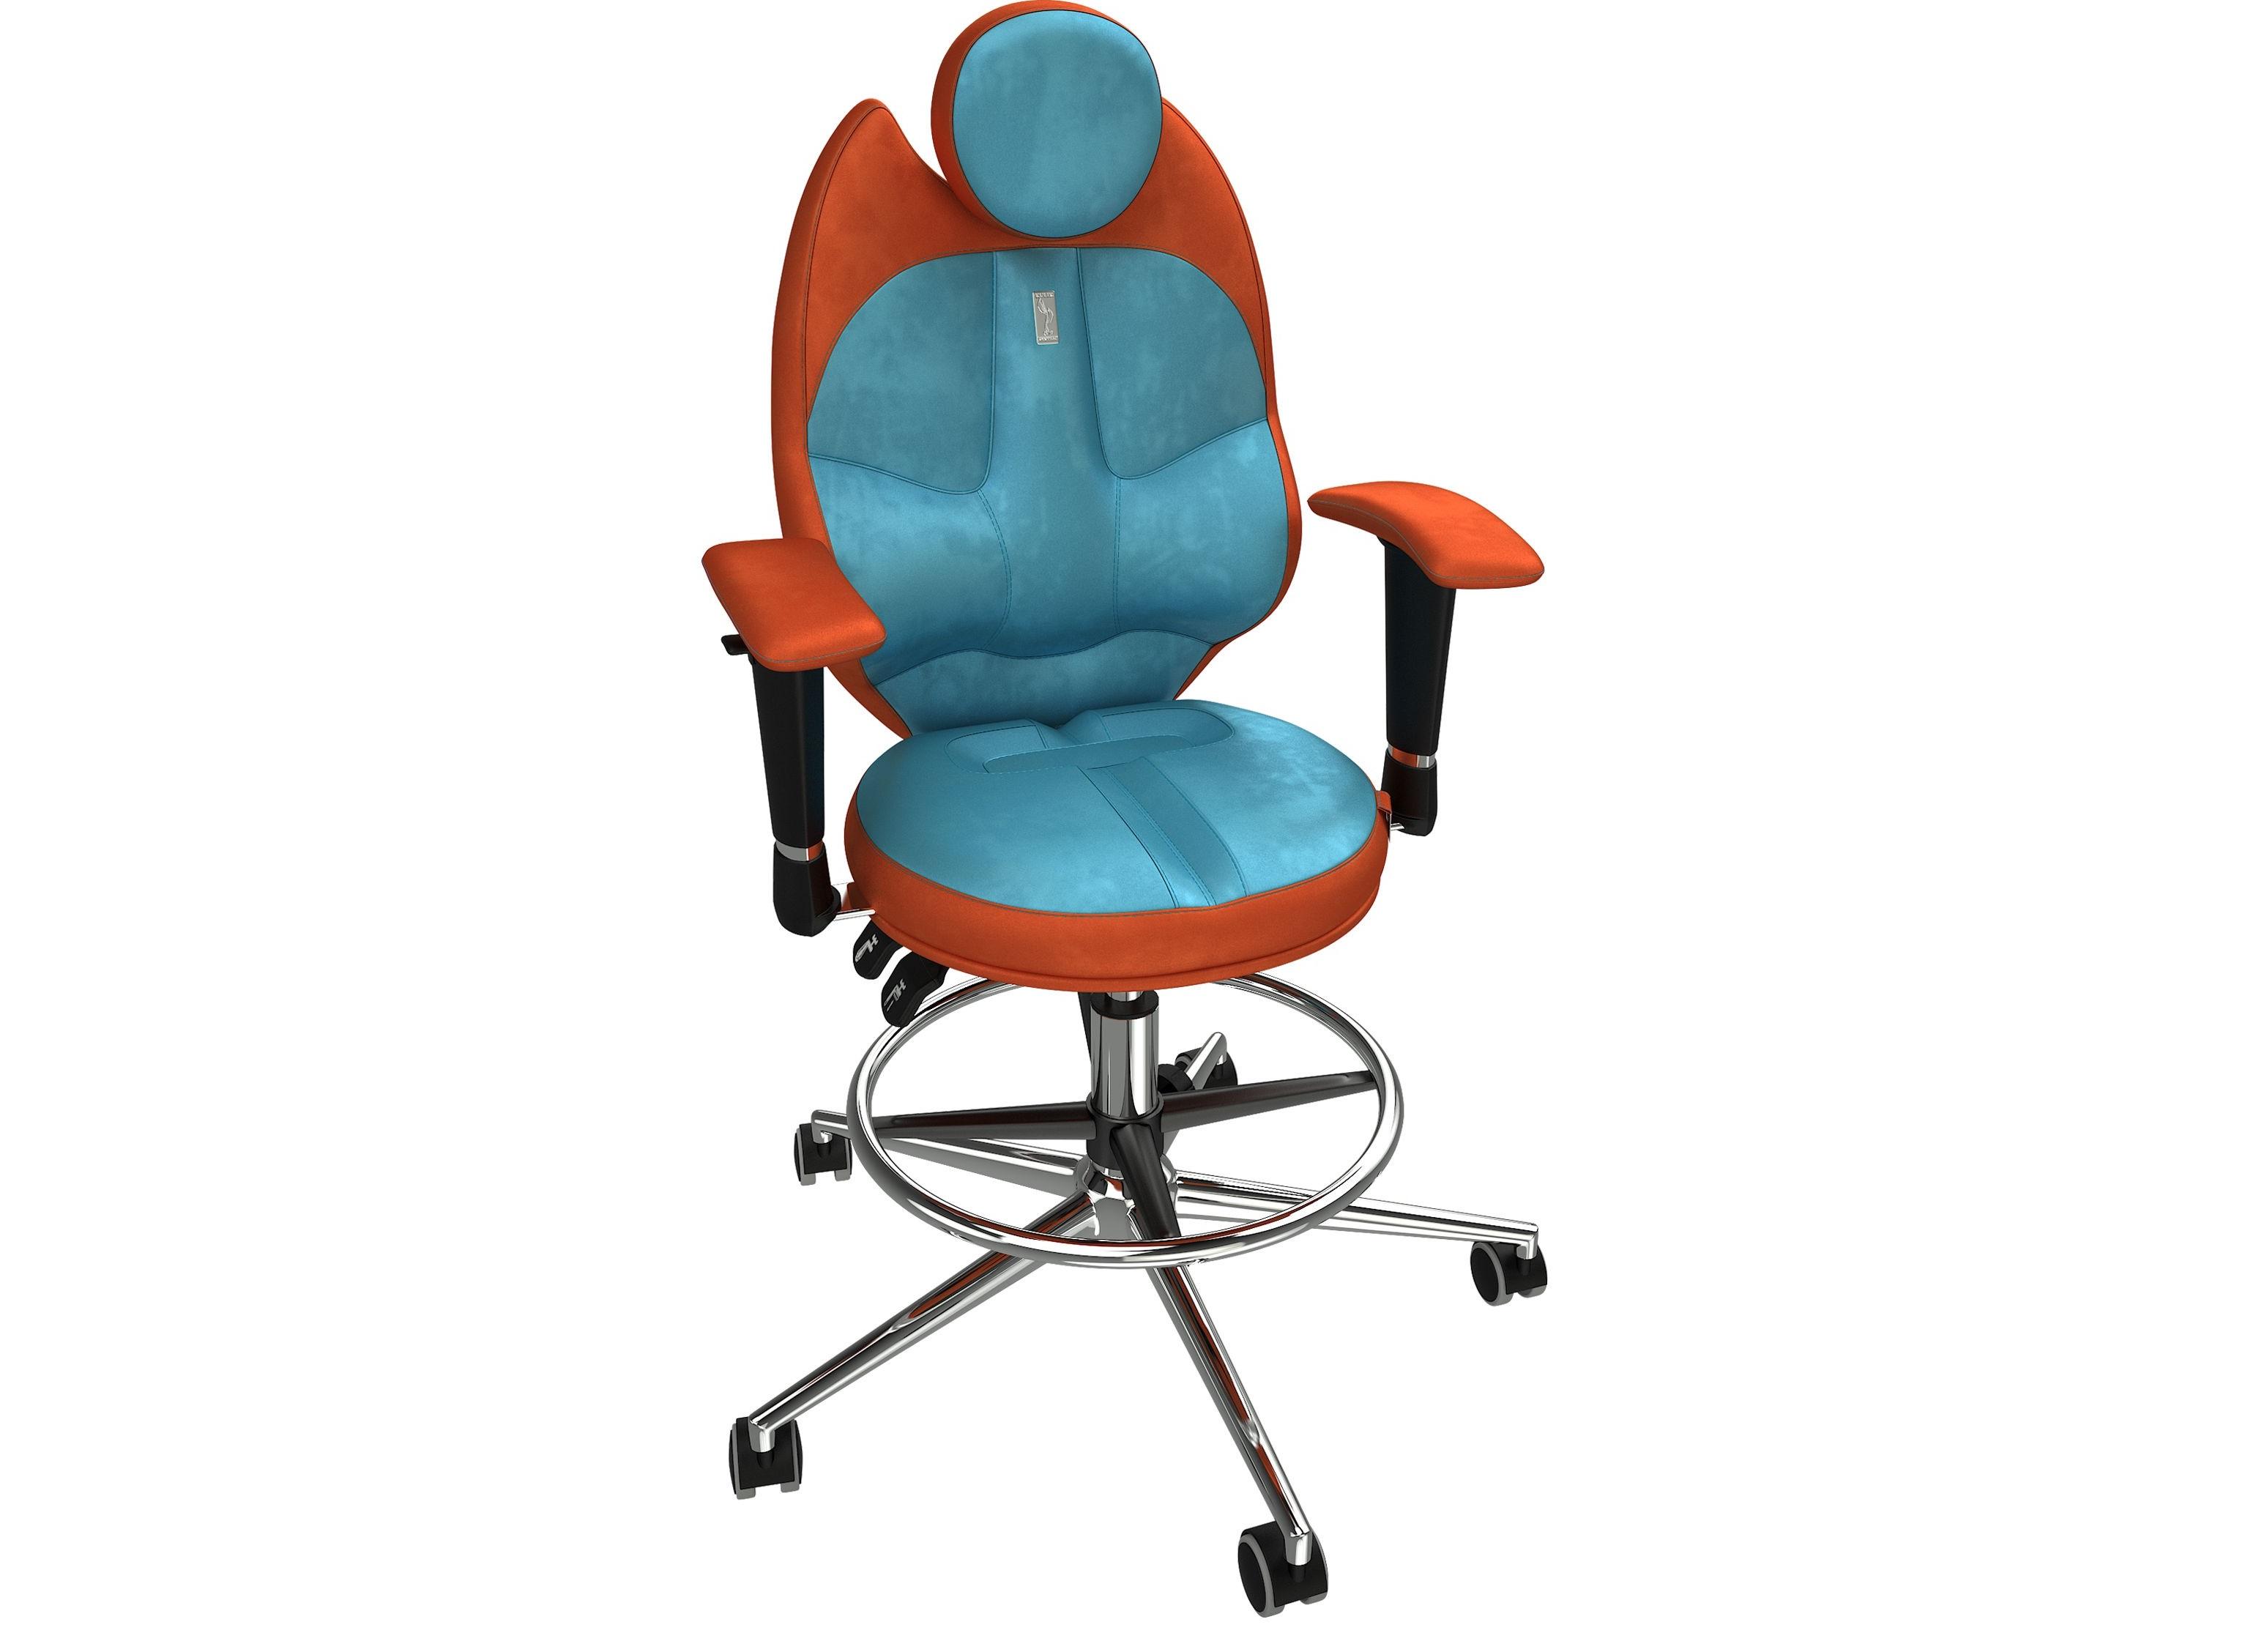 Кресло TRIOРабочие кресла<br>Благодаря своему яркому дизайну, оригинальной форме и мягкости это кресло понравится любому ребенку. Однажды сев в такое кресло, ваше чадо, уже не захочет с него вставать. К тому же, кресло Trio имеет особую эргономичную форму, которая способна сохранять правильную осанку ребенка и устранить детские заболевания позвоночника.&amp;nbsp;Дополнительная комплектация:&amp;nbsp;Перфорация на коже, заказ в другом материале (натуральная кожа, экокожа, азур, антара) и цвете из палитры образцов, комбинация DUO COLOR.&amp;nbsp;Информацию по стоимости уточняйте у менеджера.<br><br><br><br><br><br>kit: None<br>gender: None